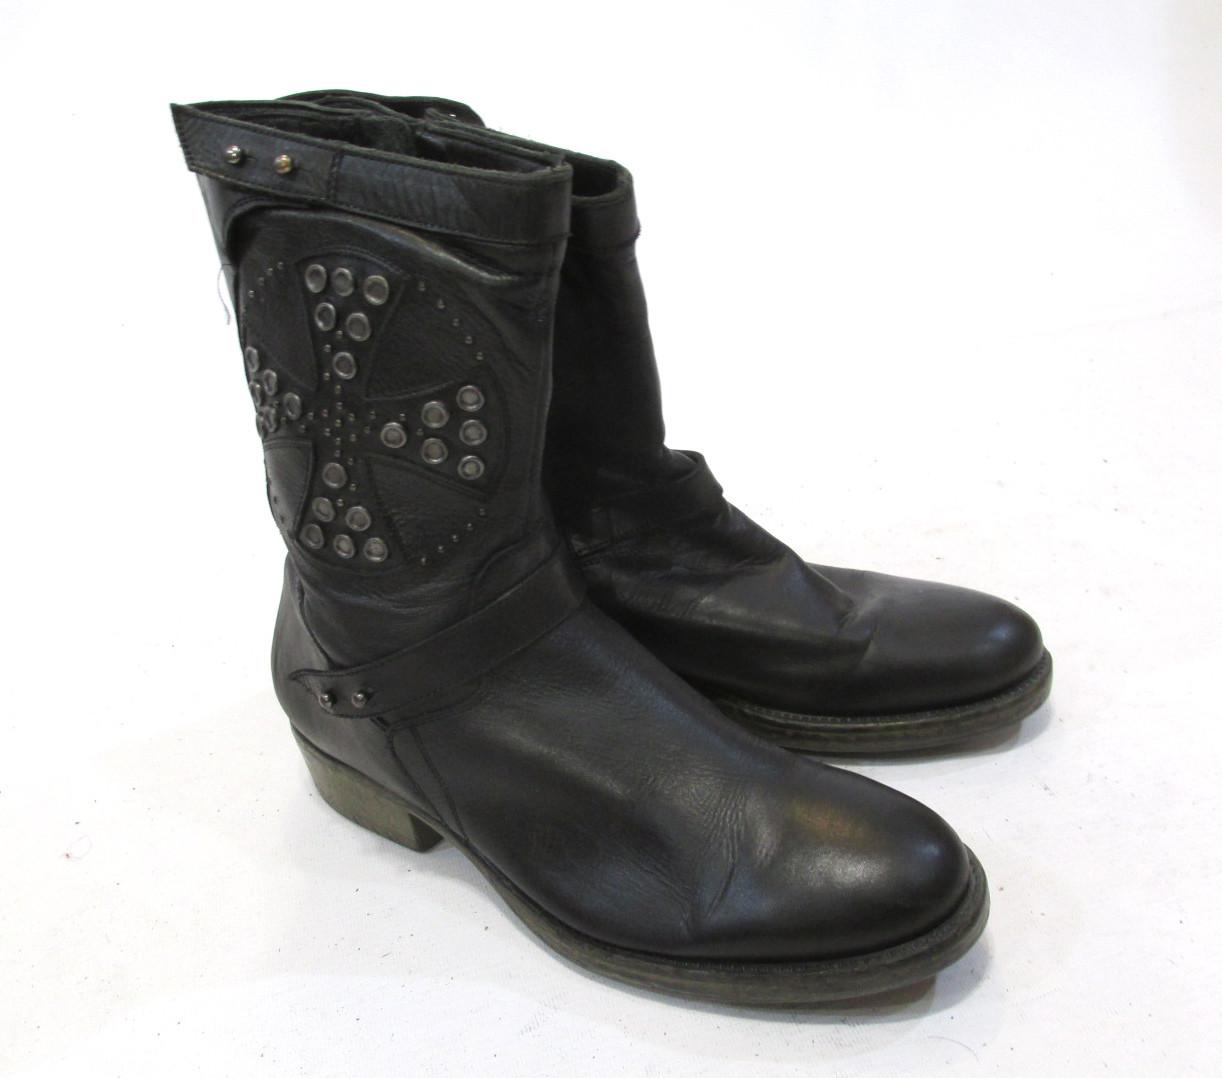 Сапожки кожаные Lavarazione, 39 (26 см), черные, Эксклюзивные! Как Нов